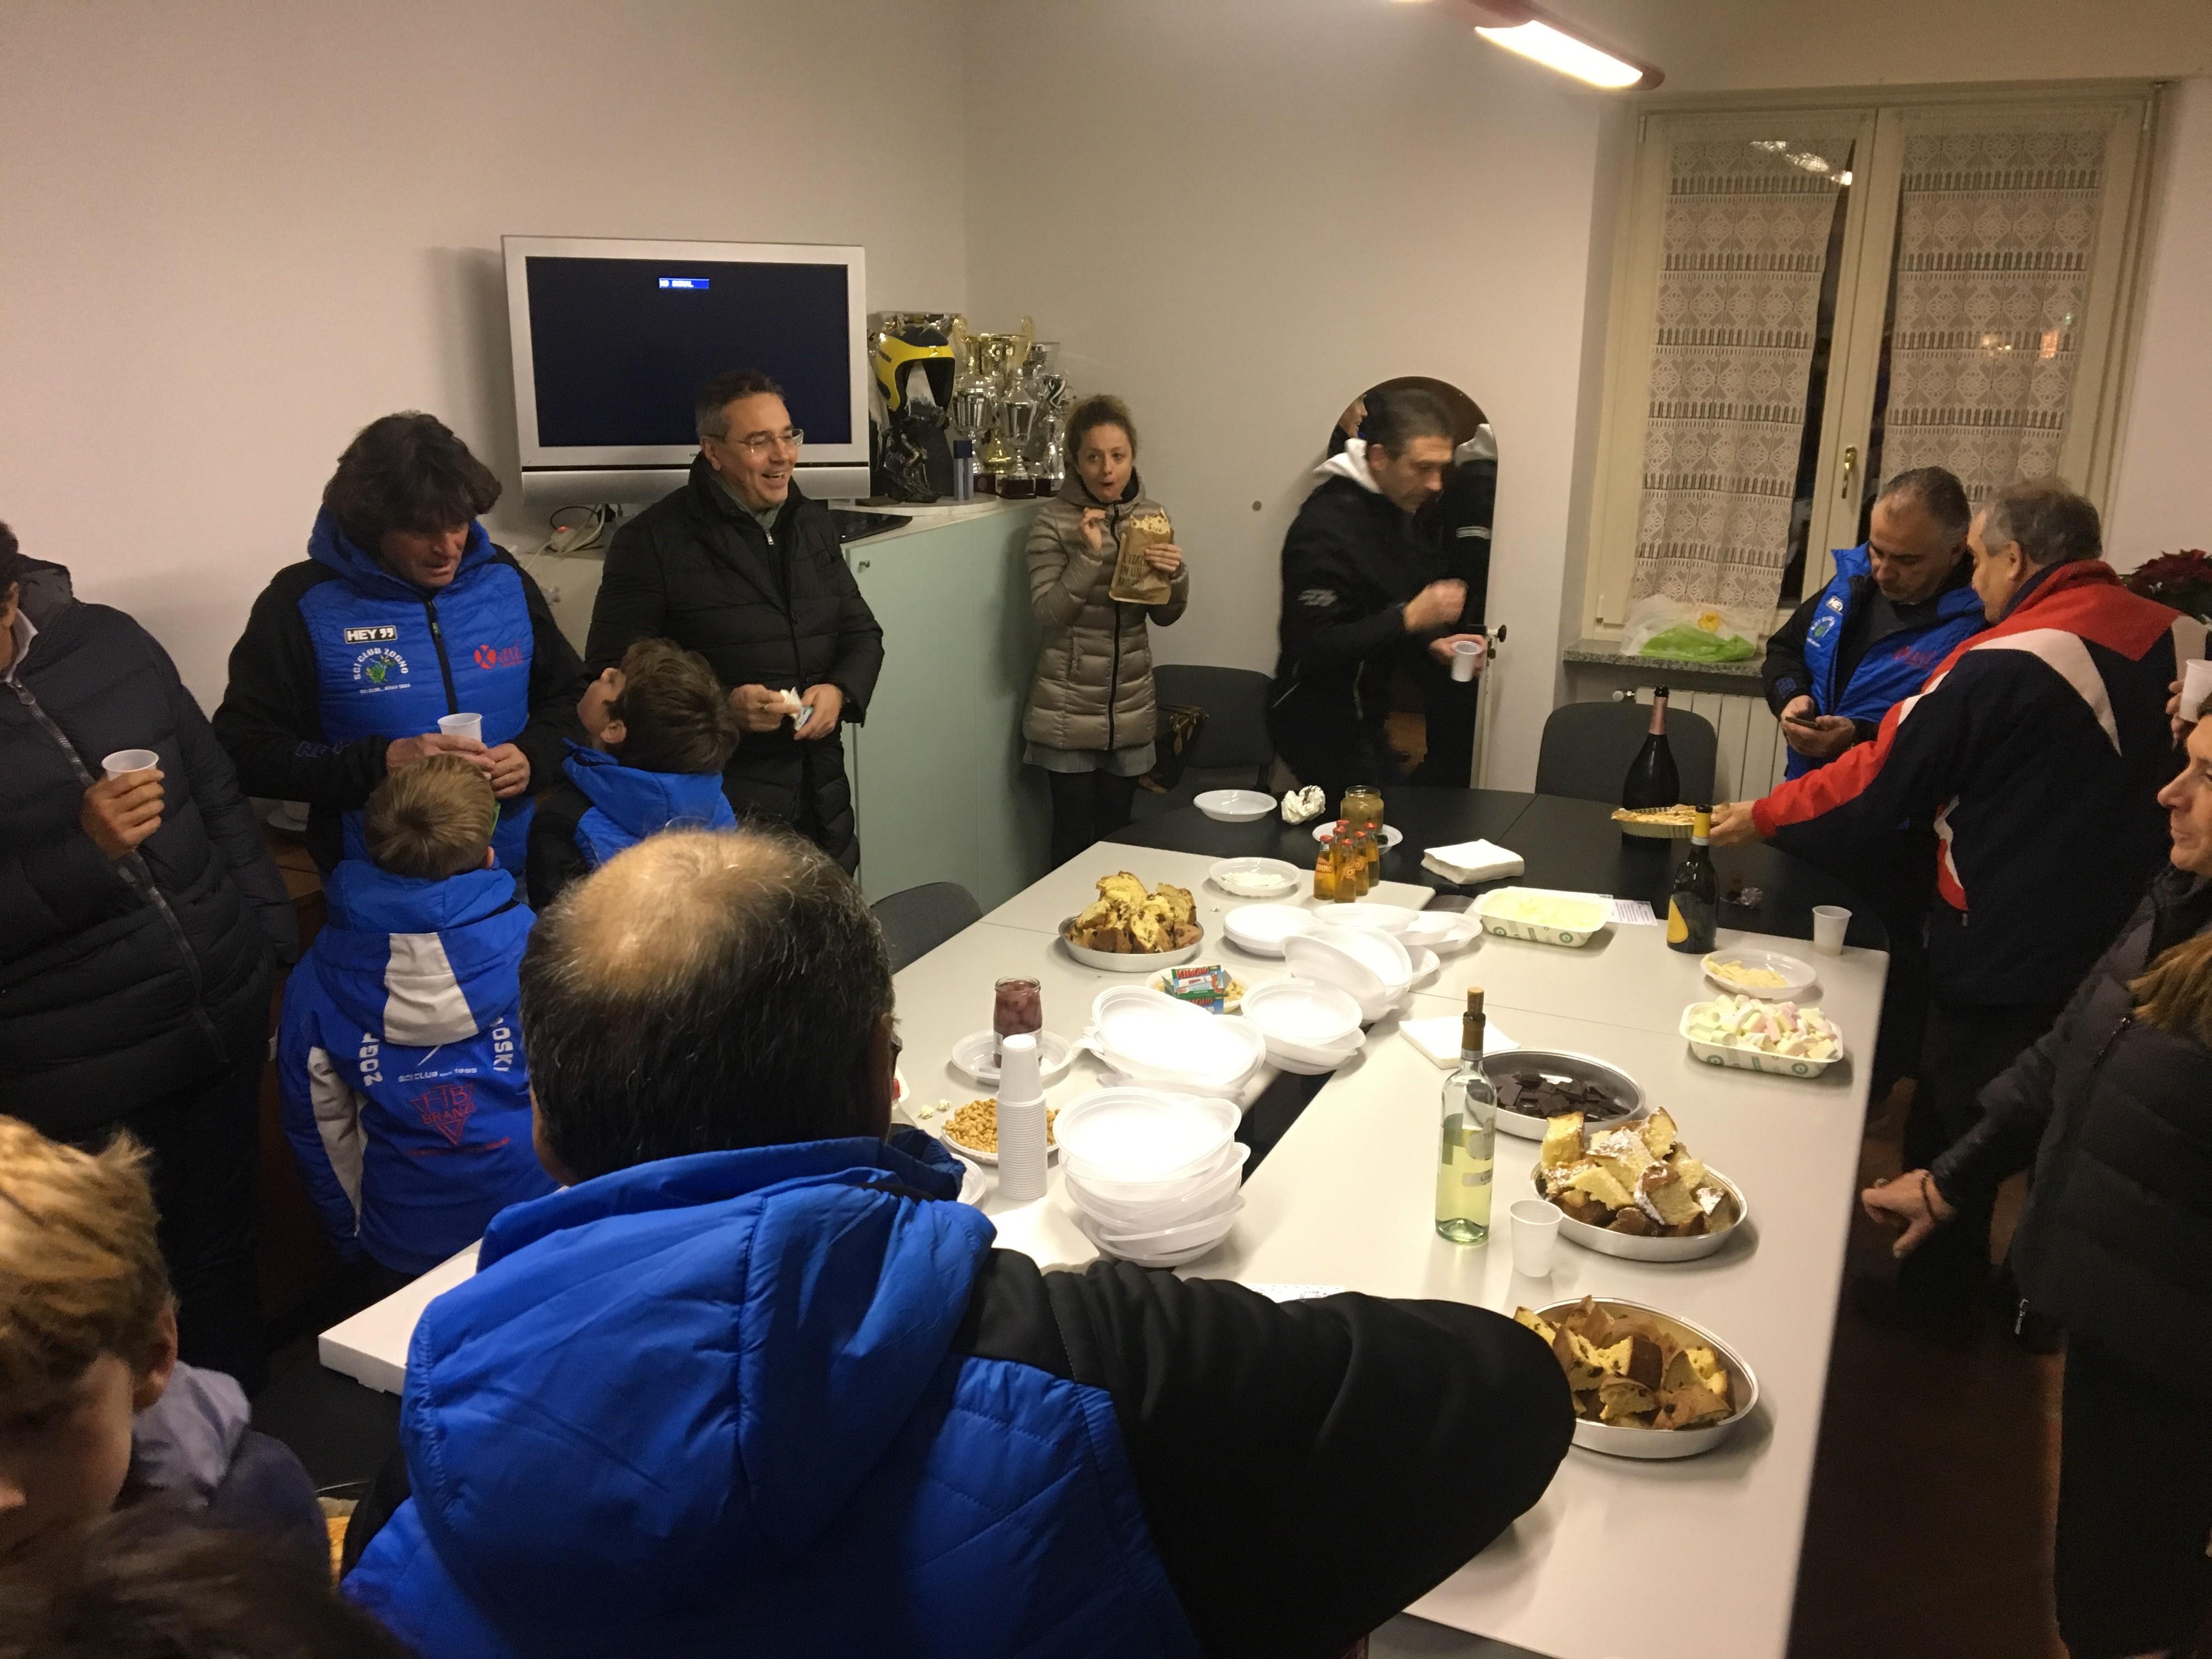 20.12.2018 - Inaugurazione Sede Sci club Zogno (15)